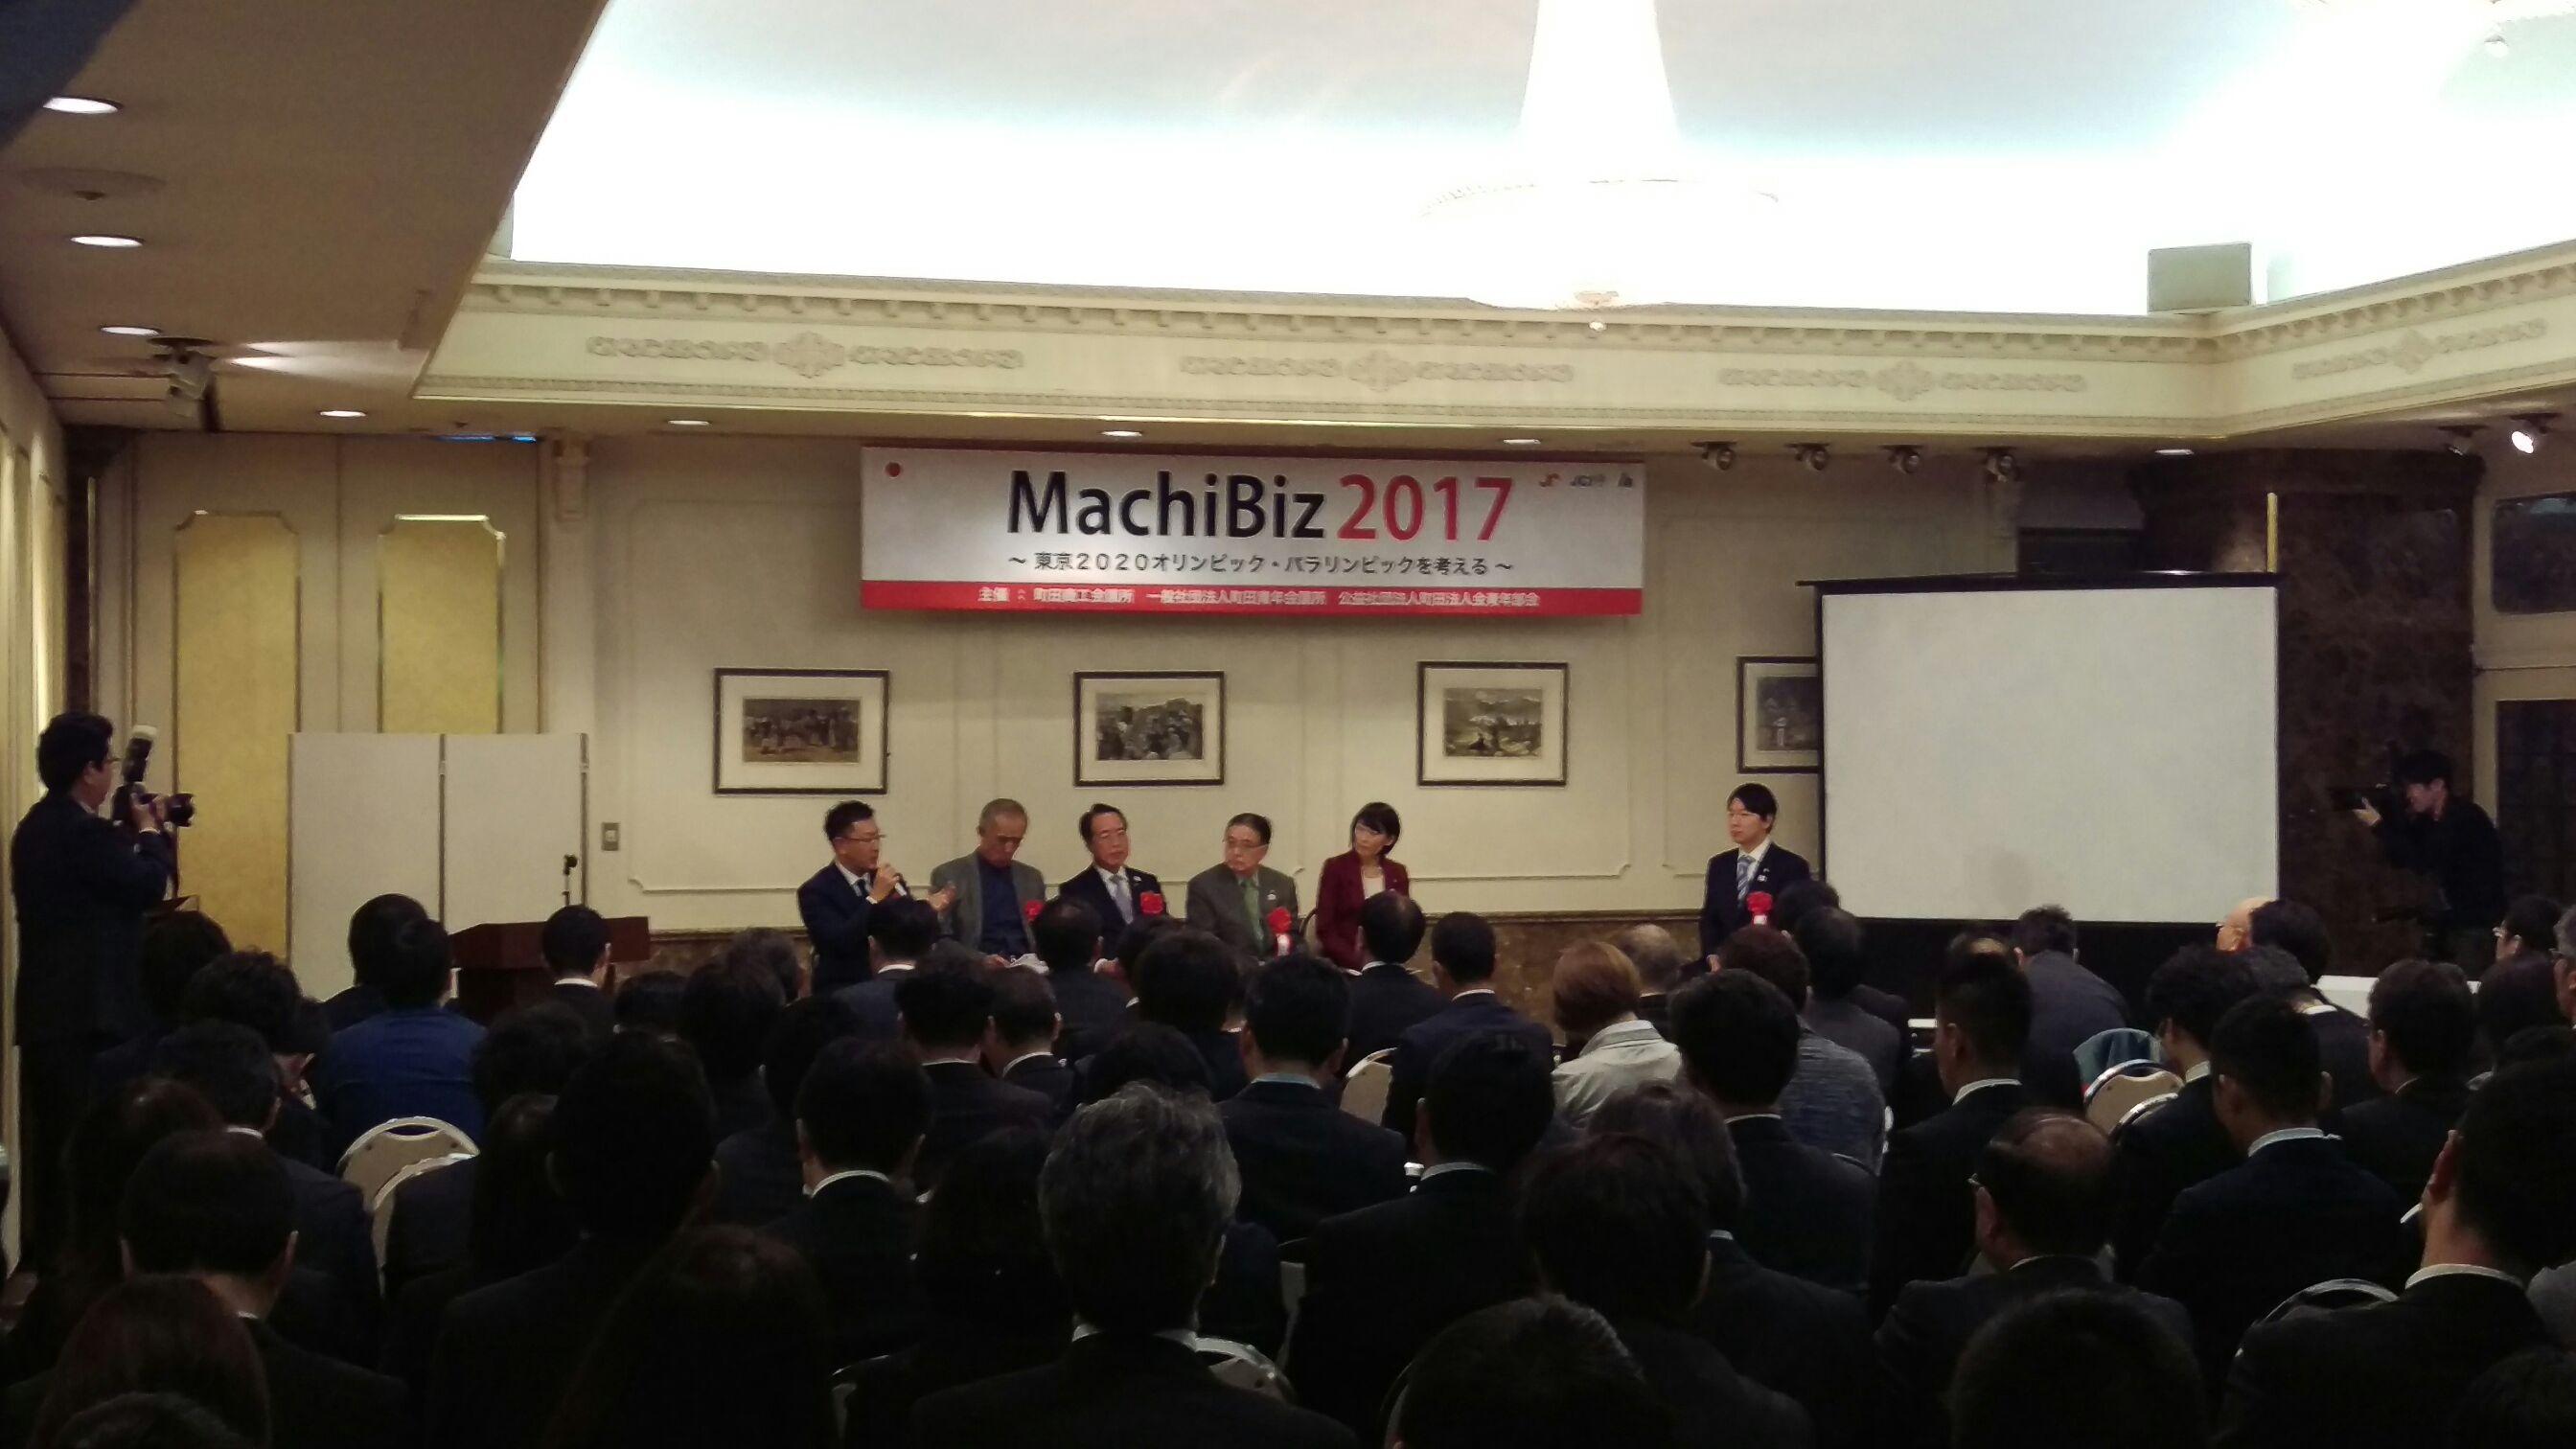 MachiBiz2017